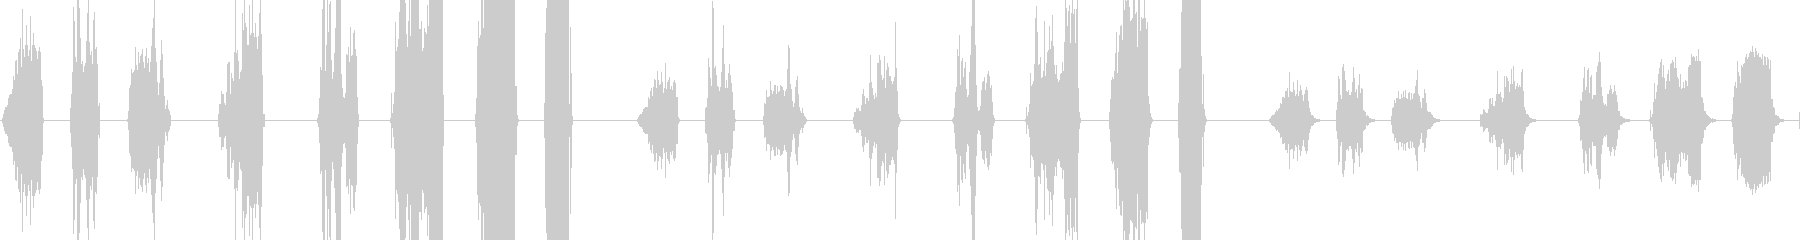 ダークディシャーモニックロープ、8...の未再生の波形